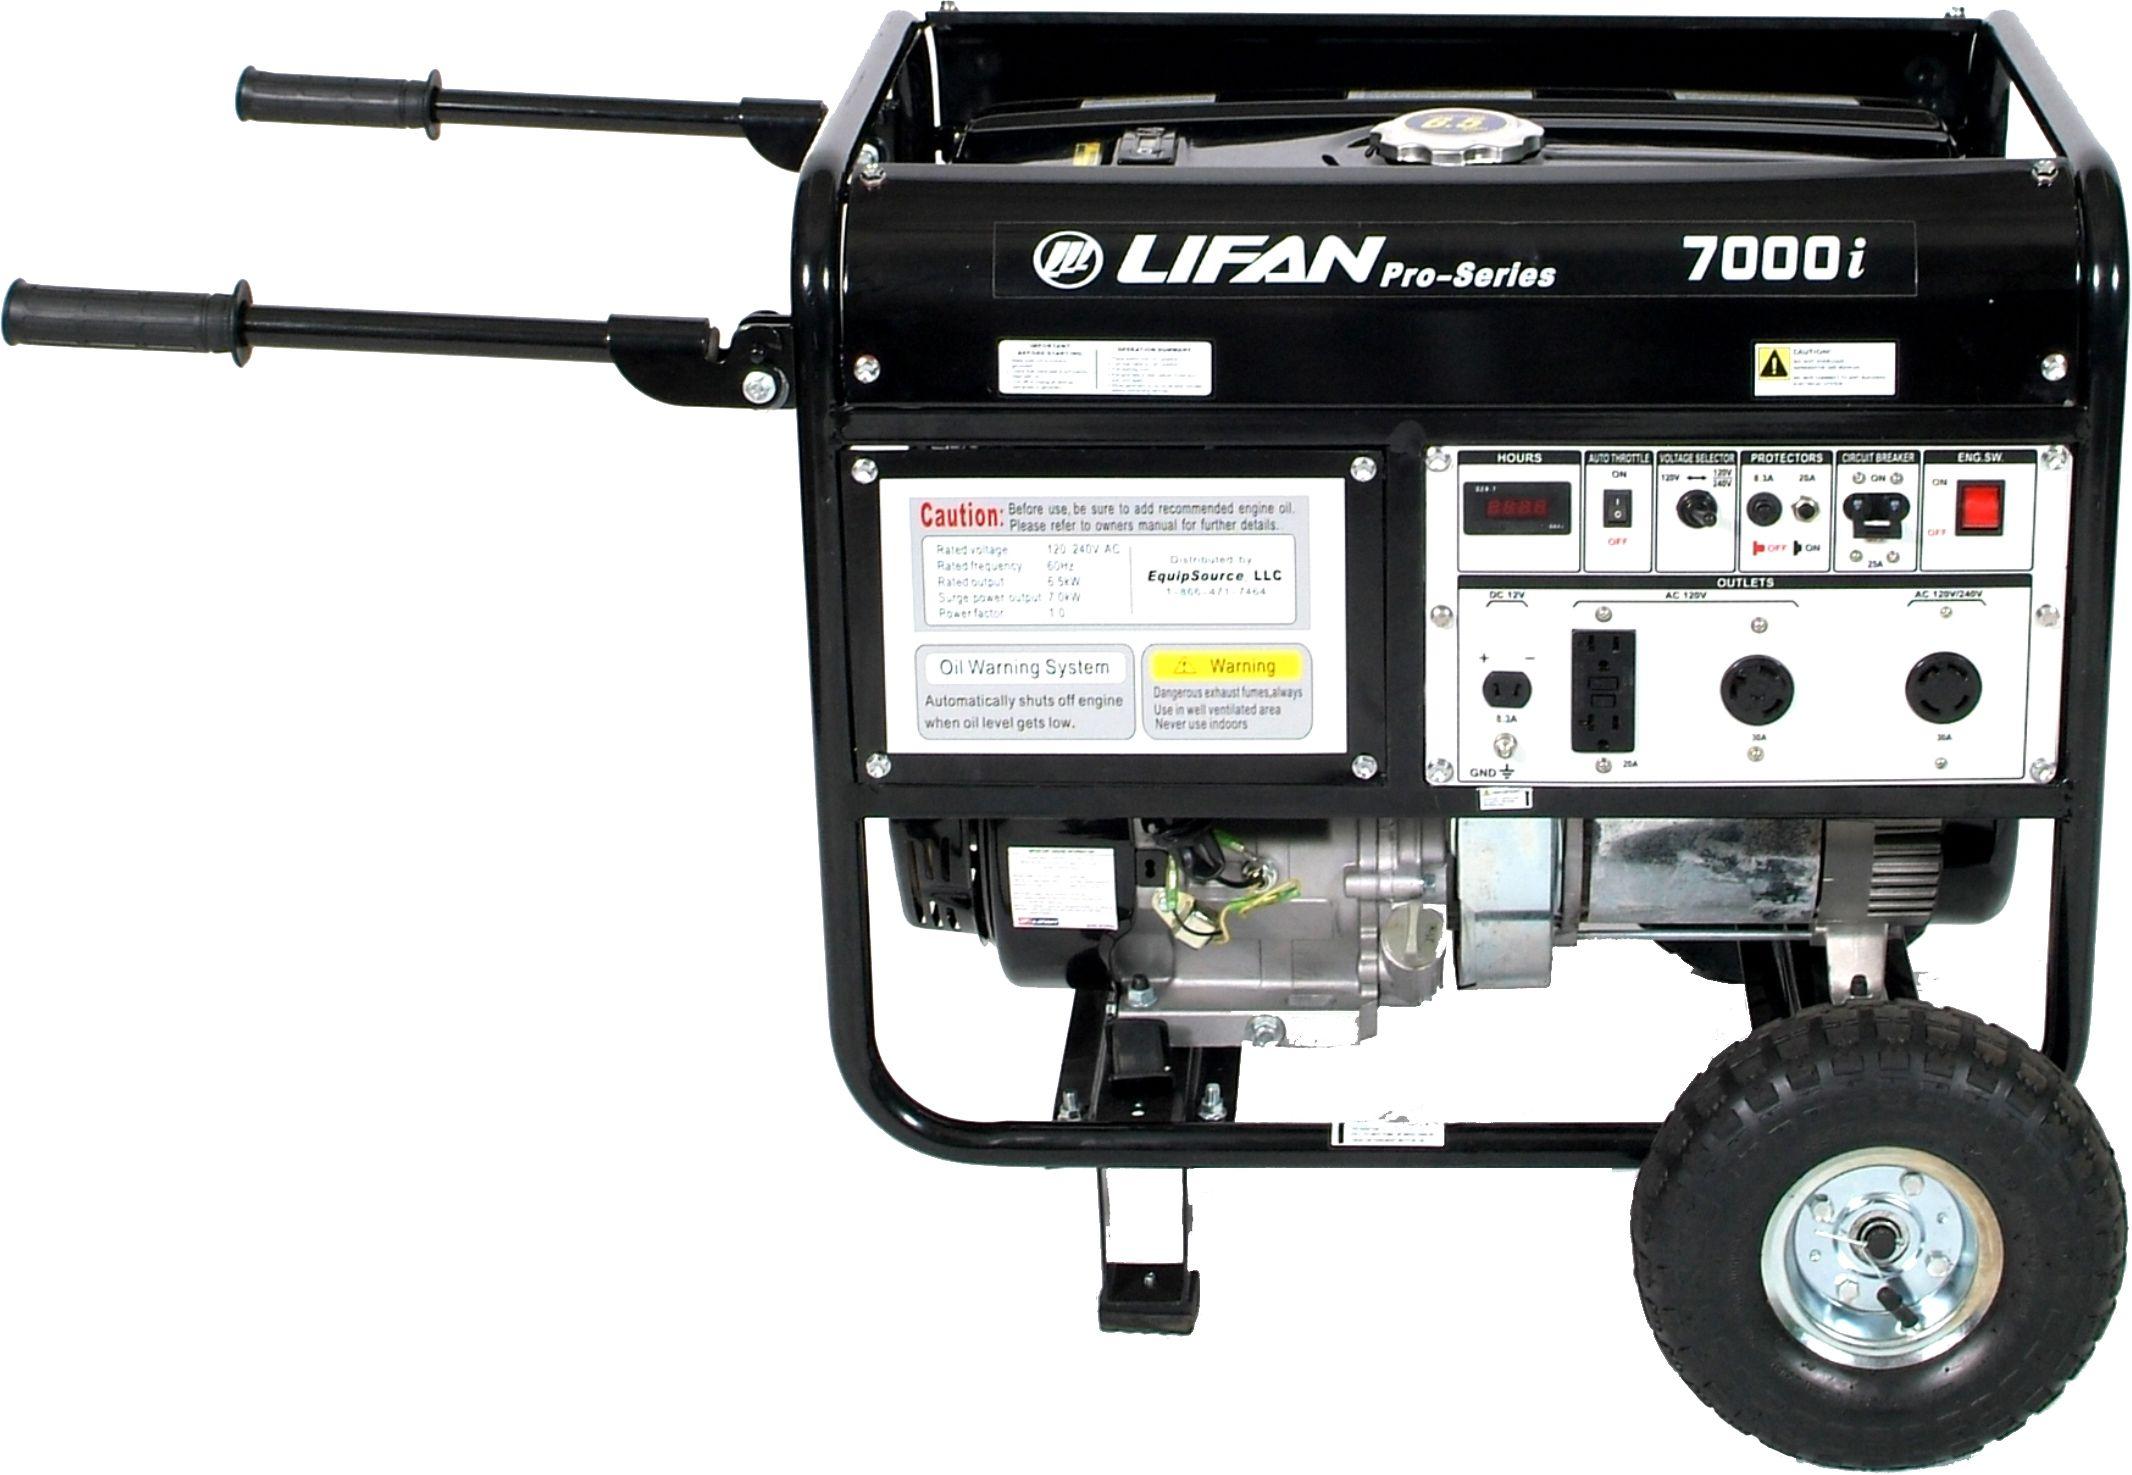 Lifan Generators 3600 Wiring Diagram Diagrams Ct70 Stator 125 Pit Bike Moreover Qiye 125cc Chinese Atv 6 Wire